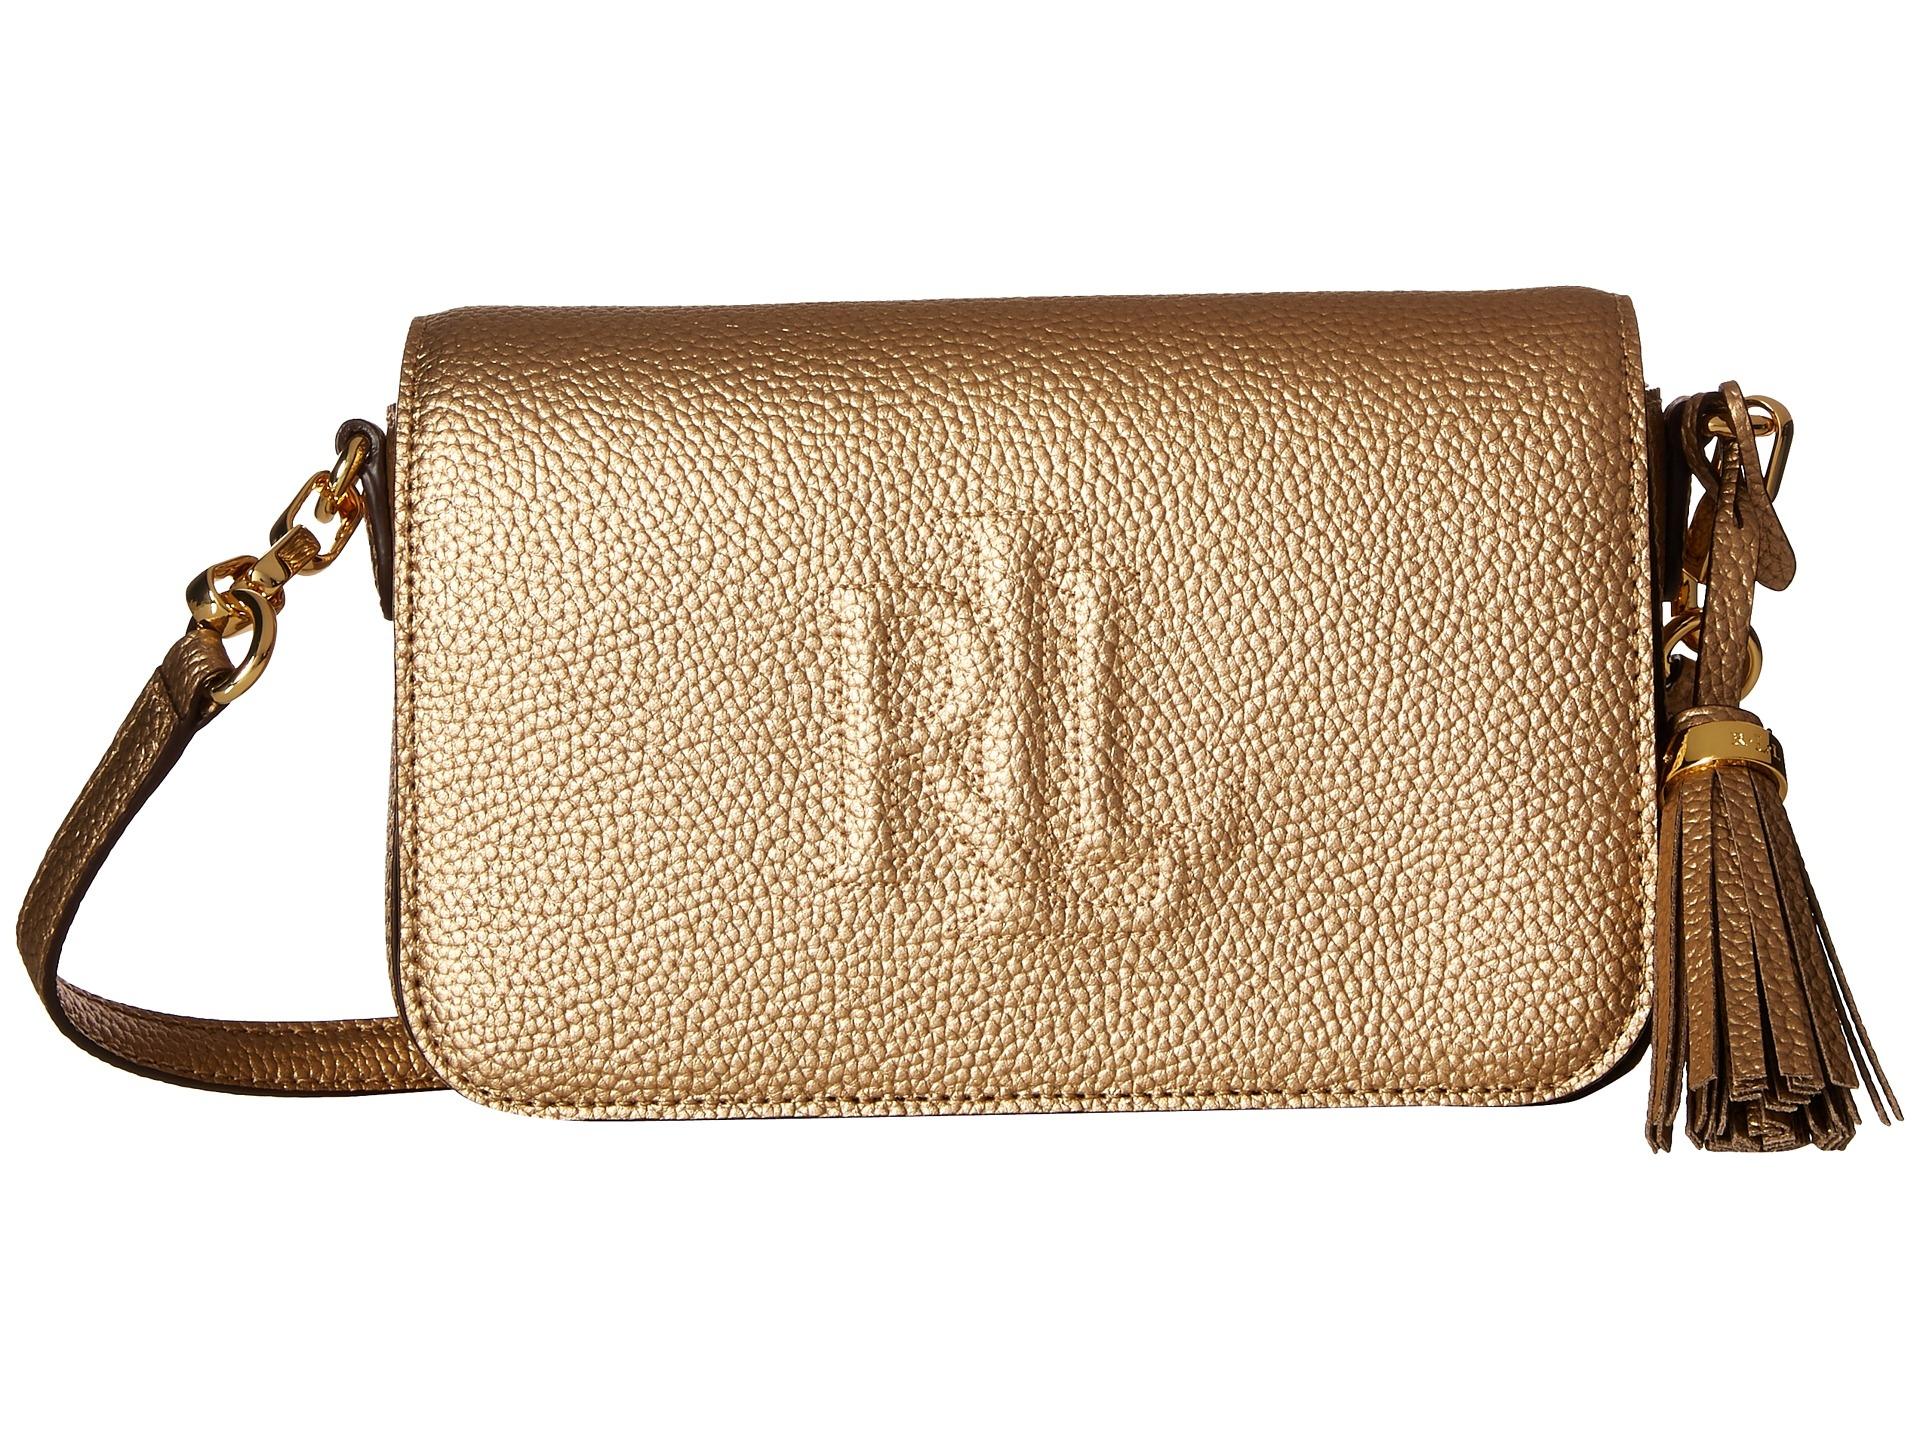 Купить сумку RALPH LAUREN - bags-bagcom